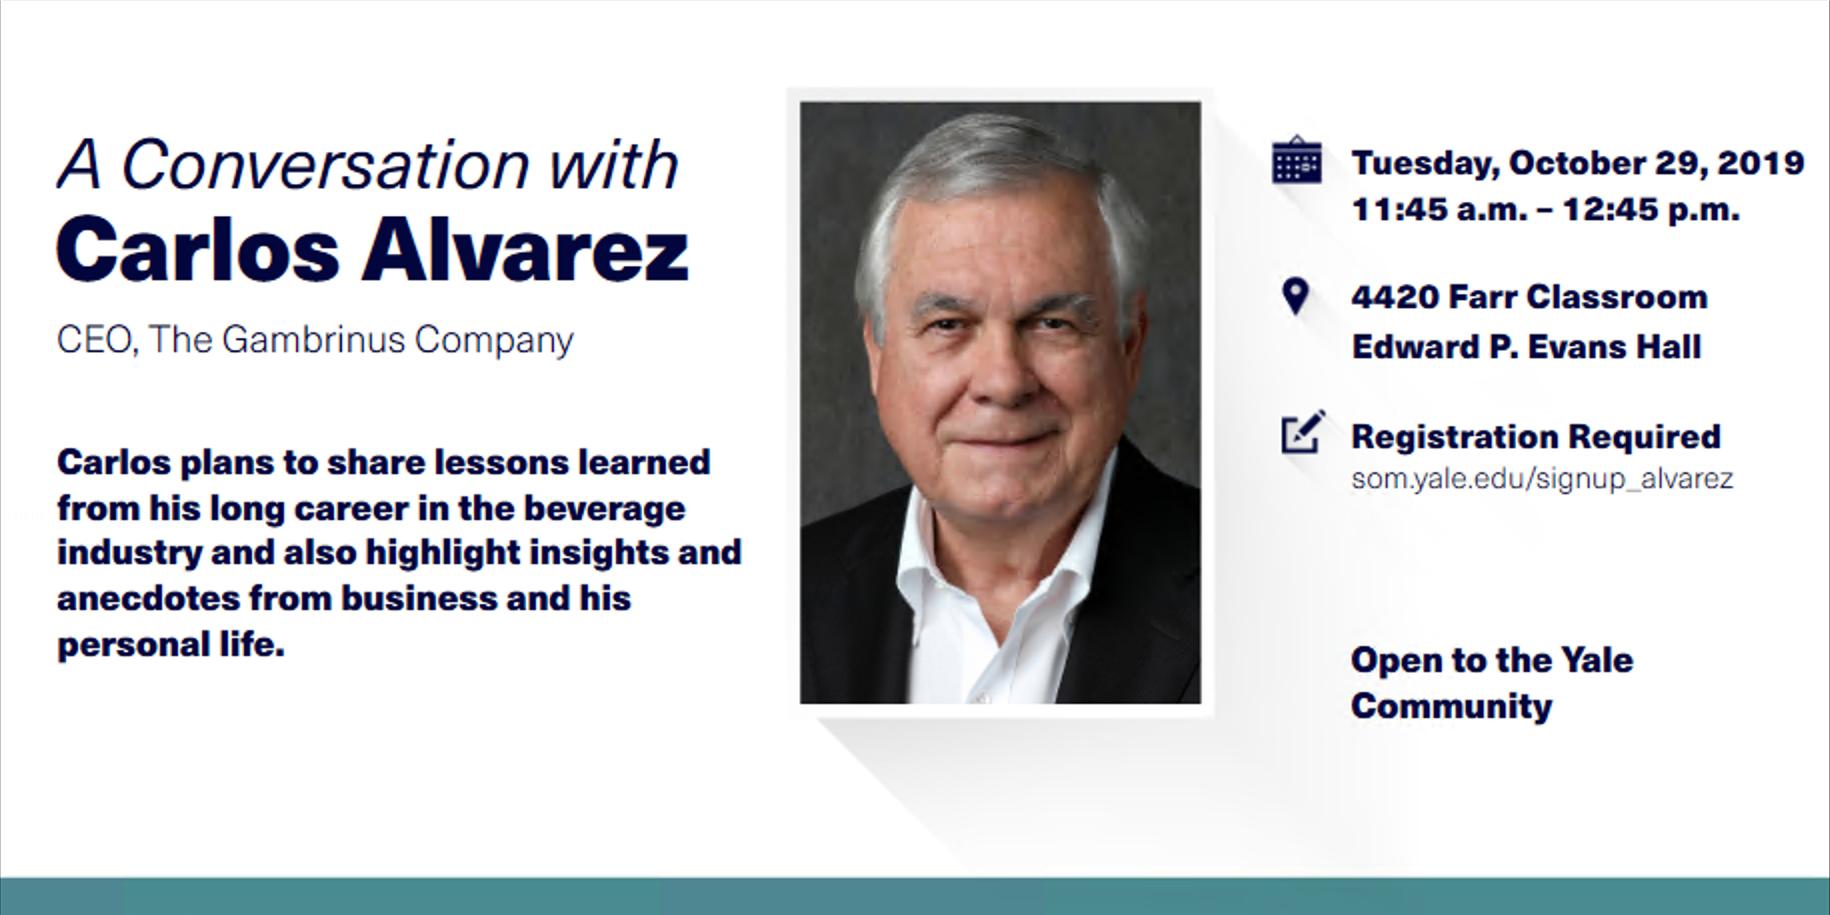 Conversation with Carlos Alvarez, CEO of The Gambrinus Company